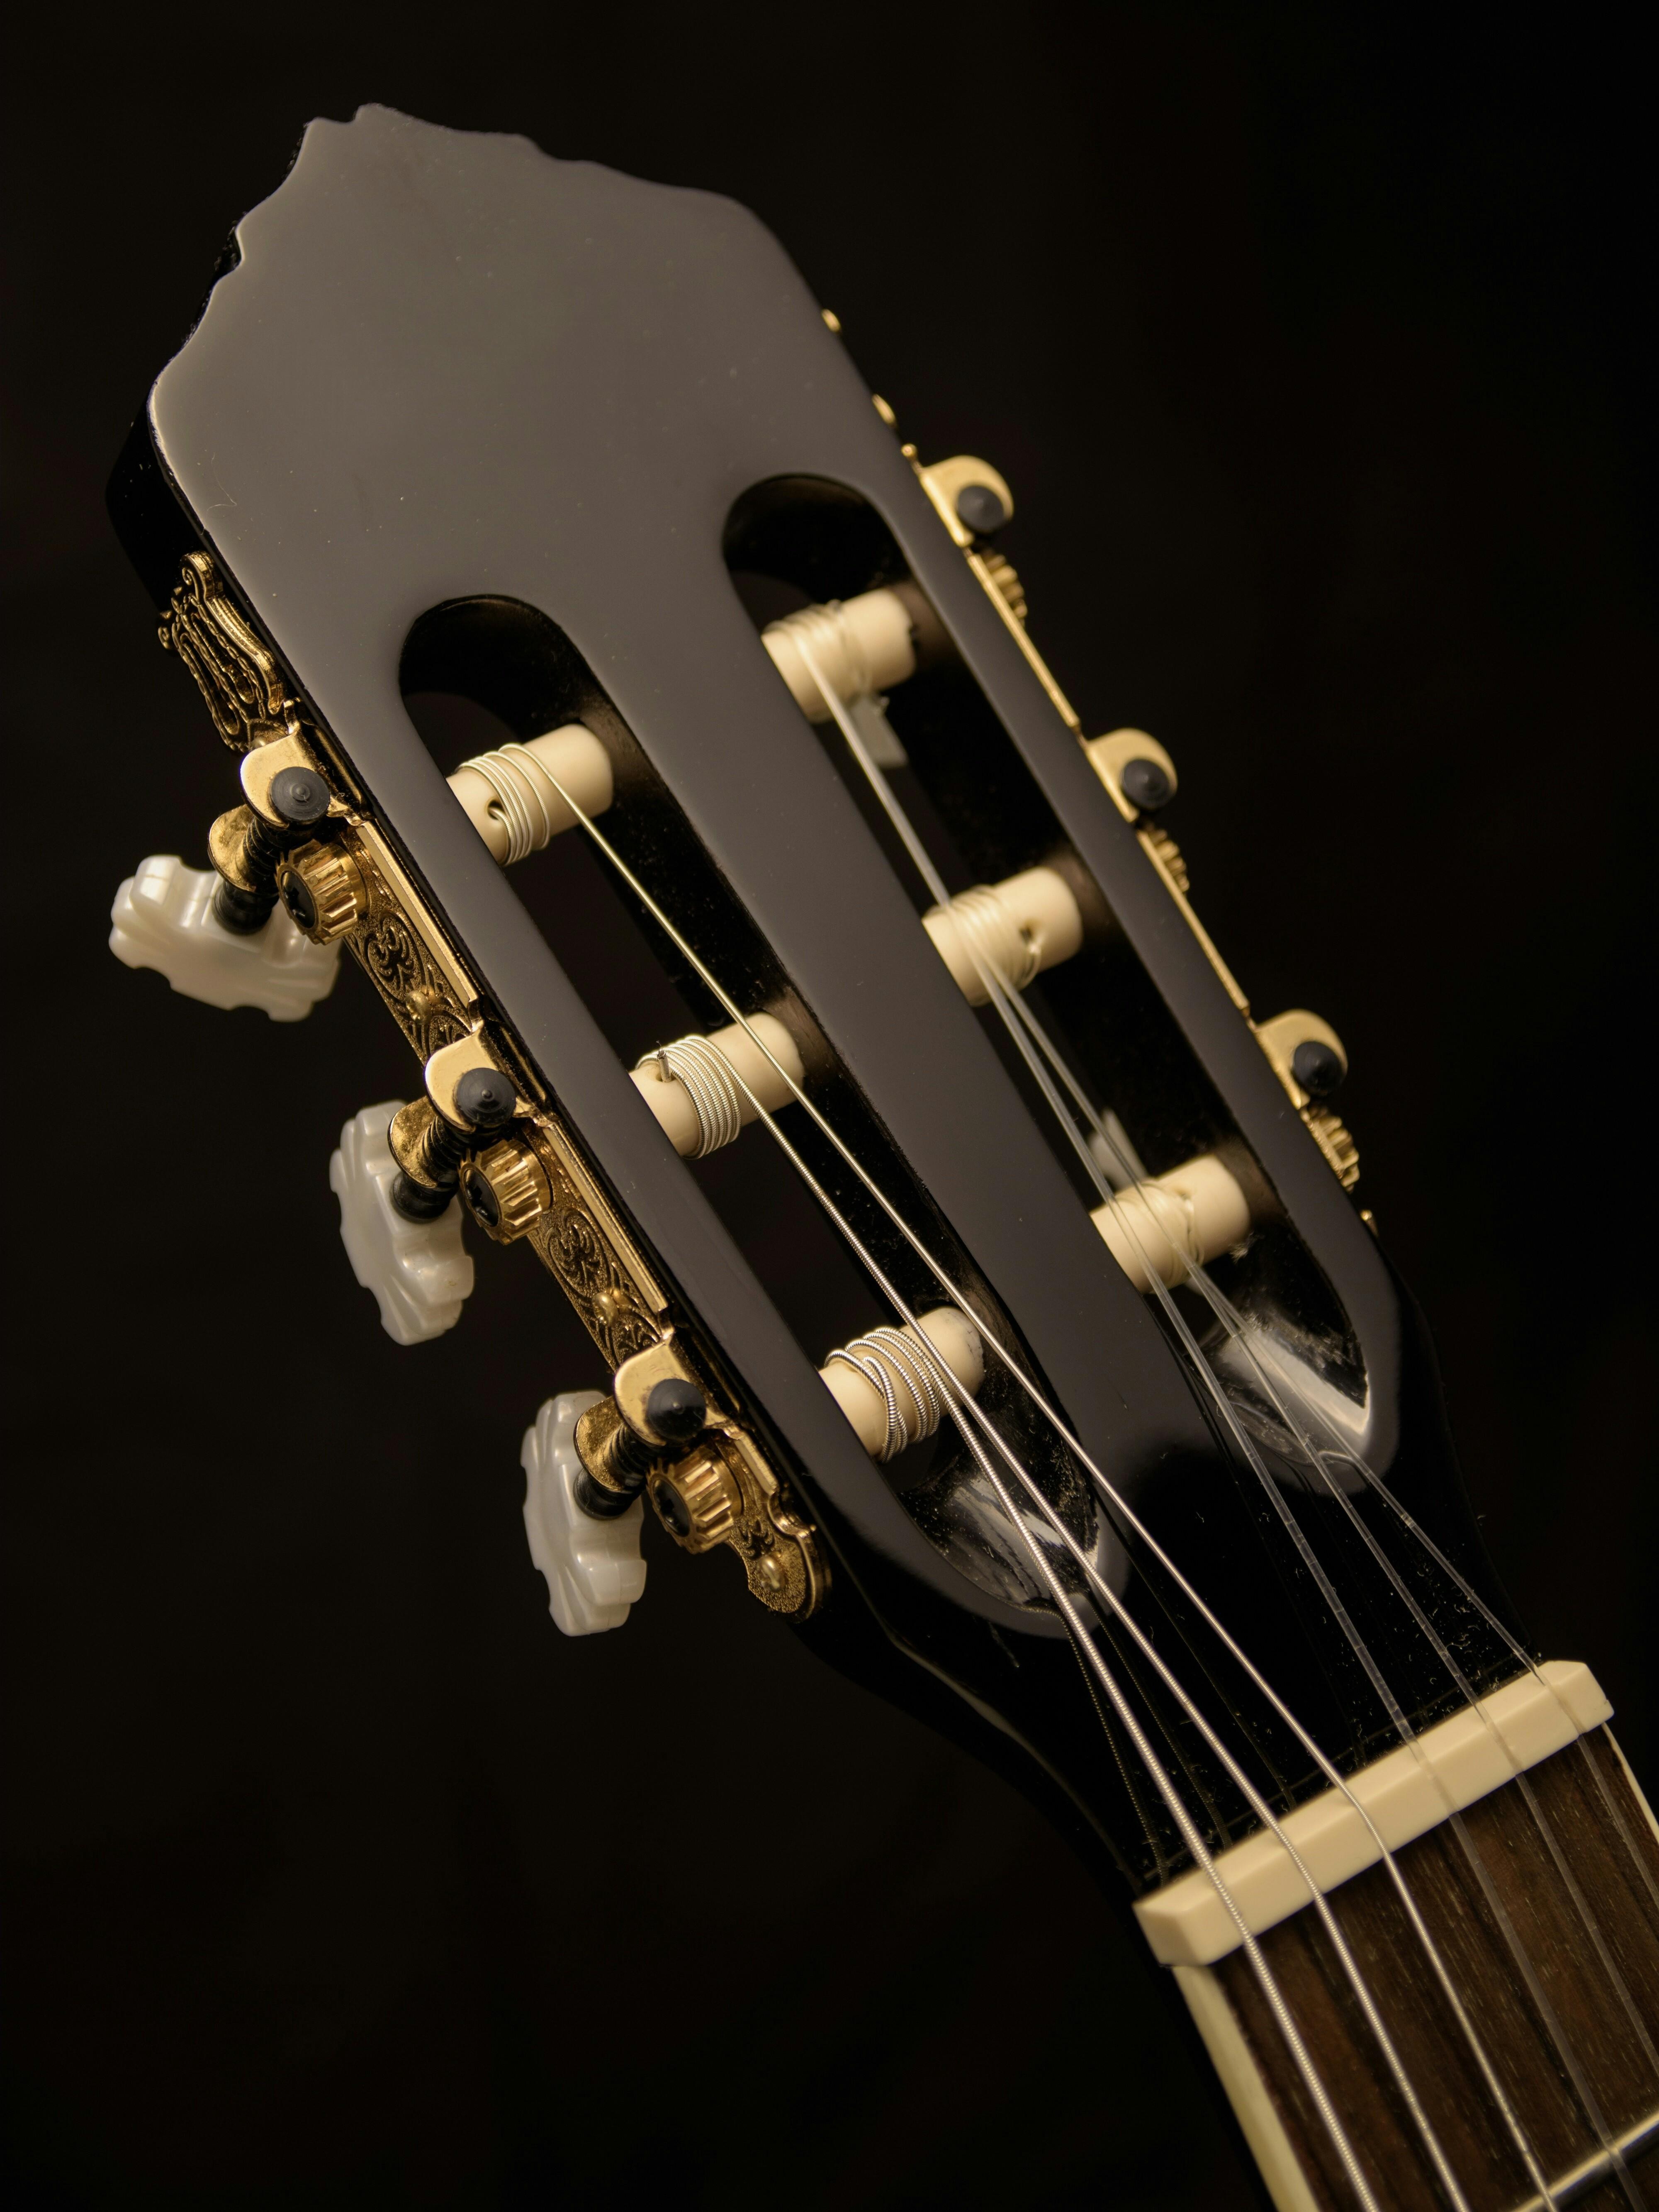 guitar_image-jpg